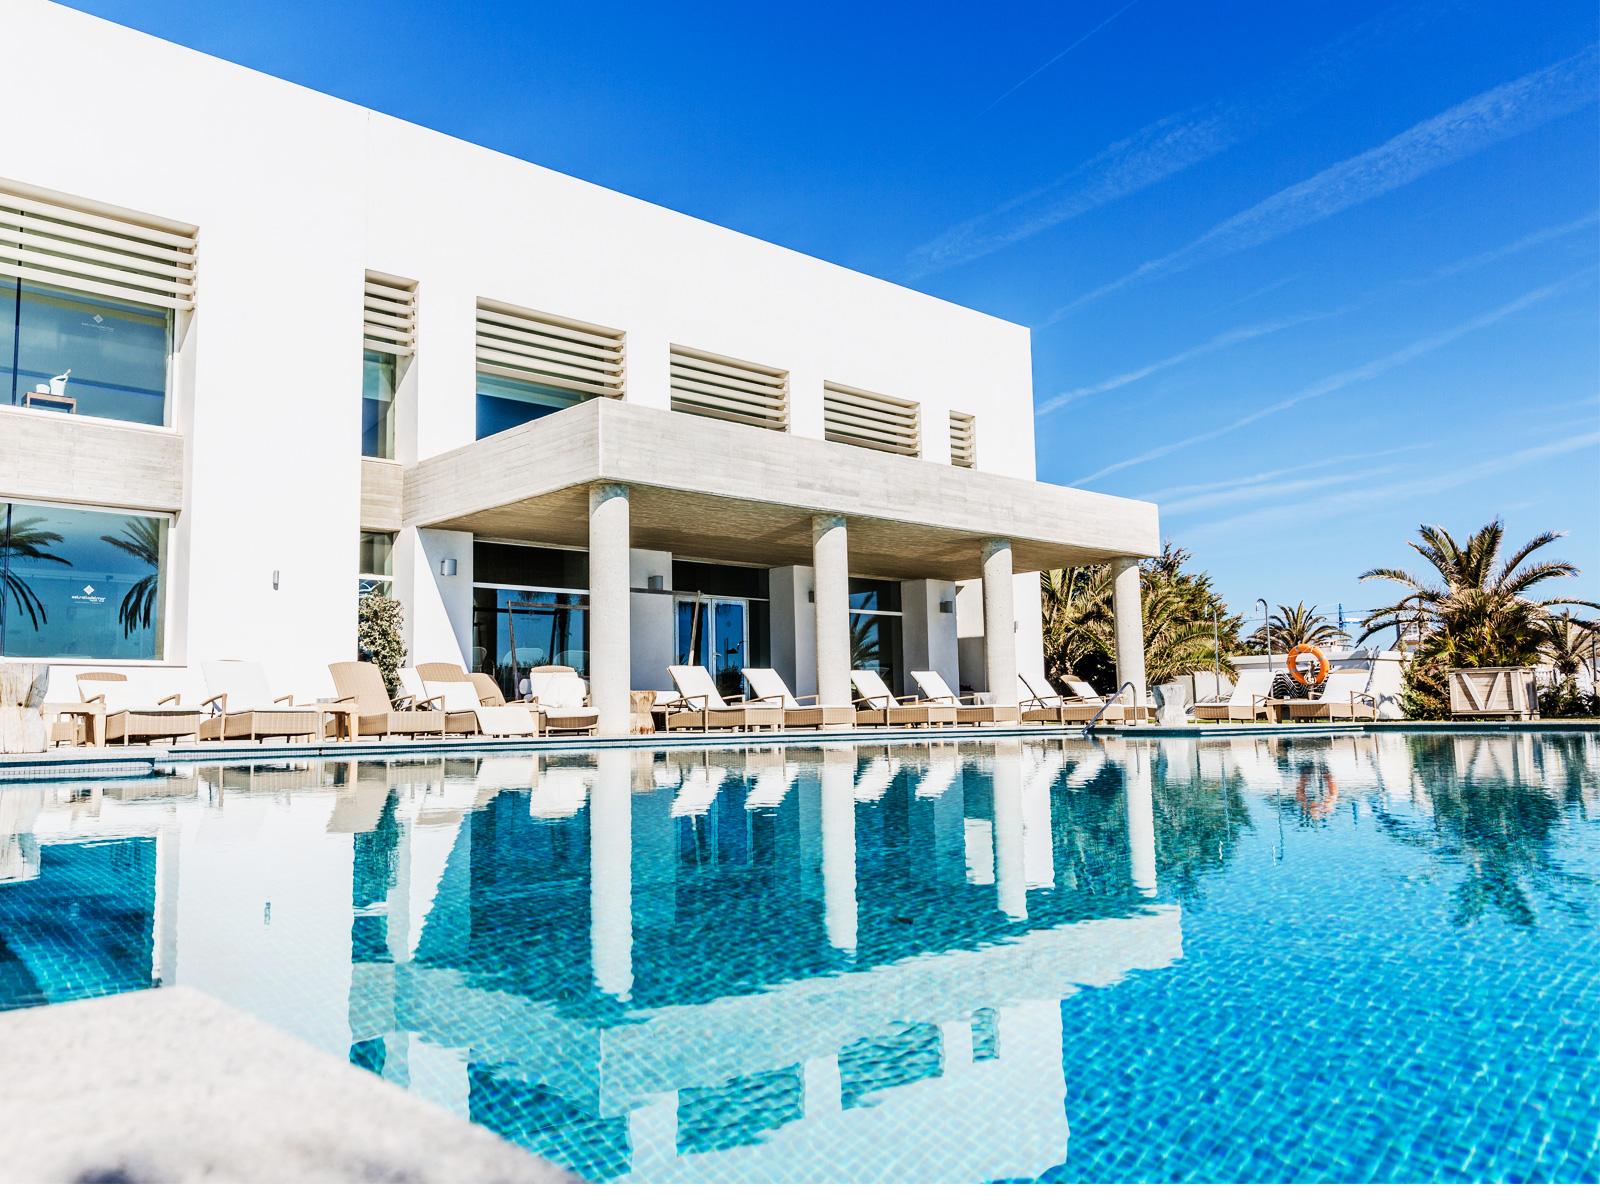 Marbella 27 juni vincci selecci n estrella del mar ellenf - Hotel estrella del mar marbella ...